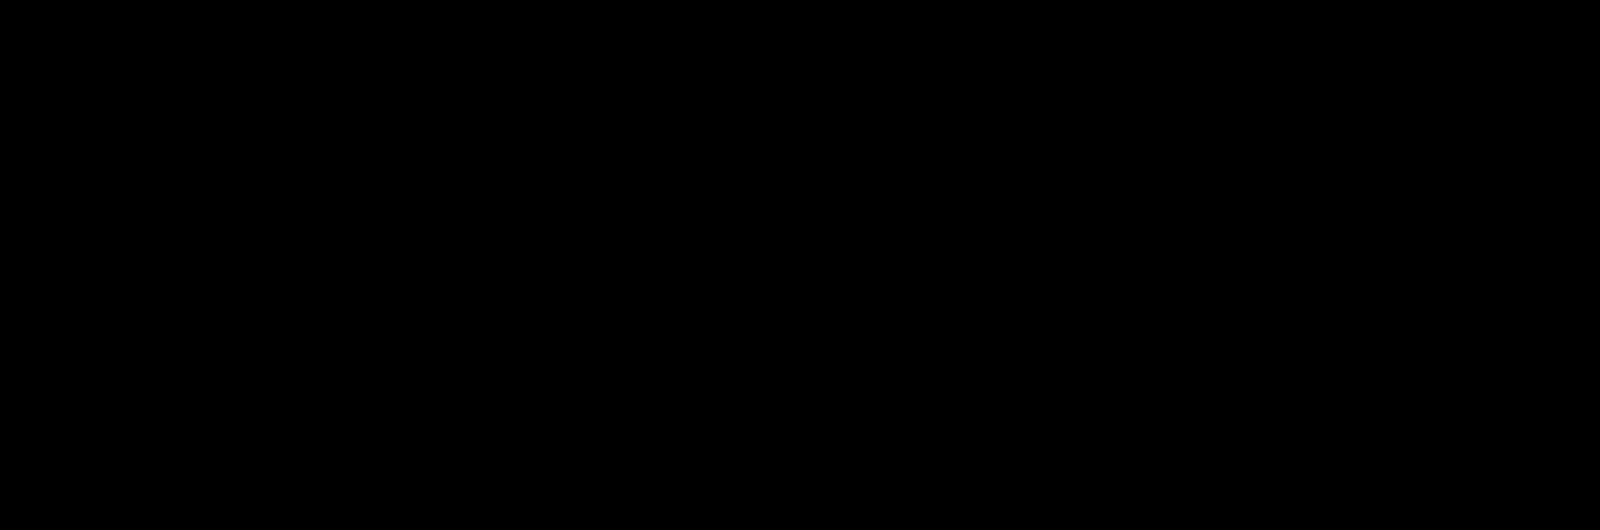 knight clipart logo